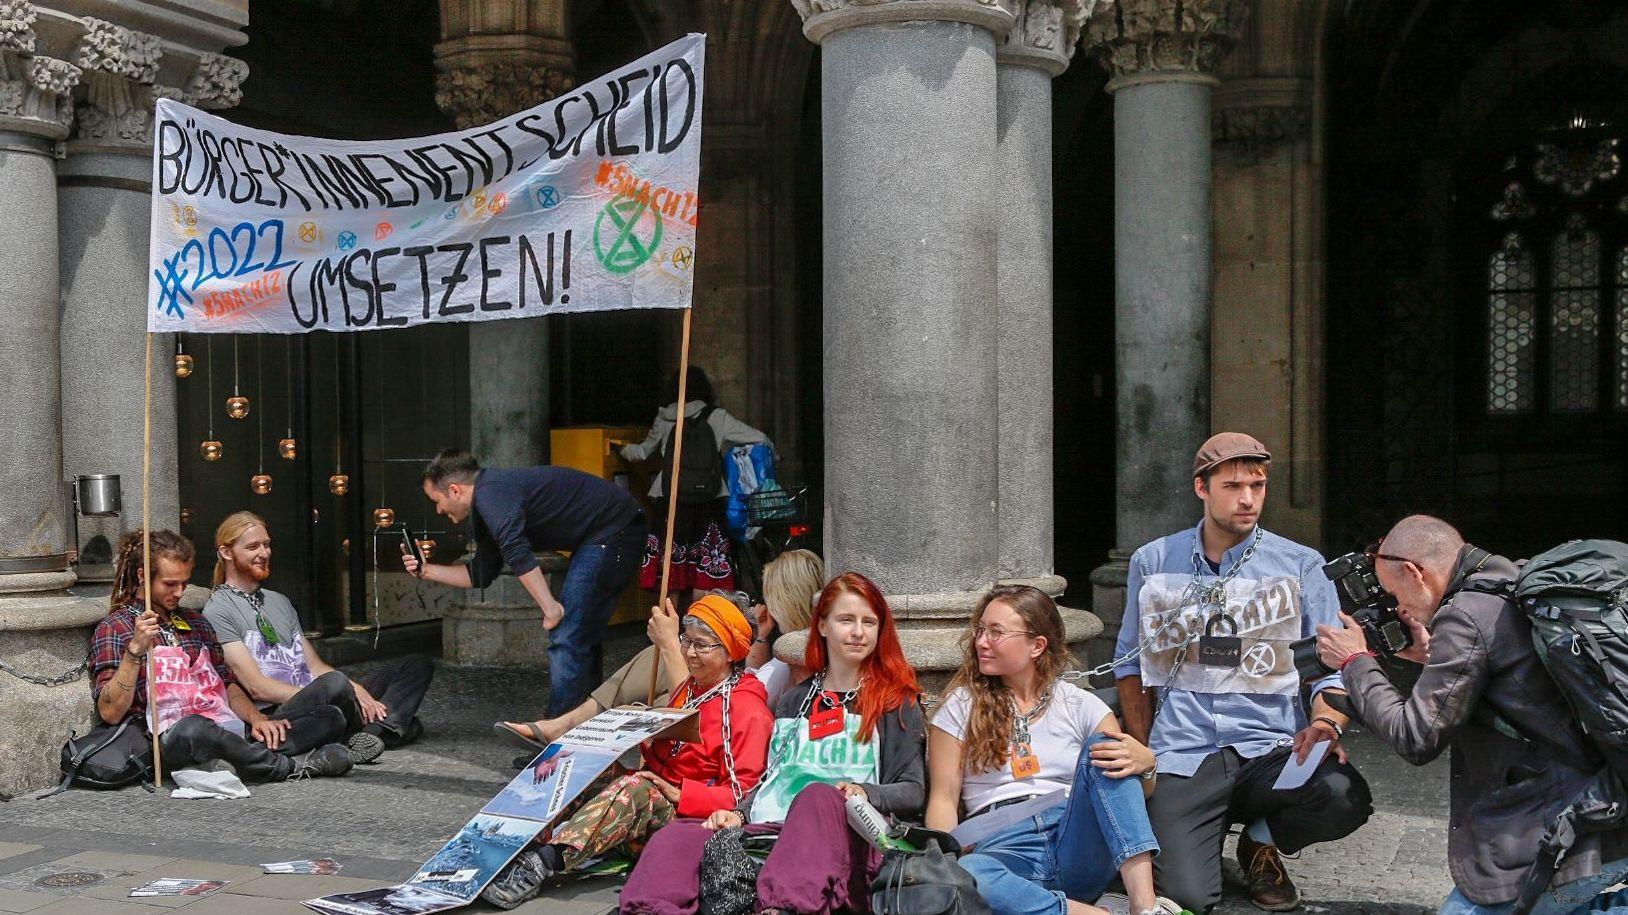 Aktivisten haben sich an das Münchner Rathaus gekettet.